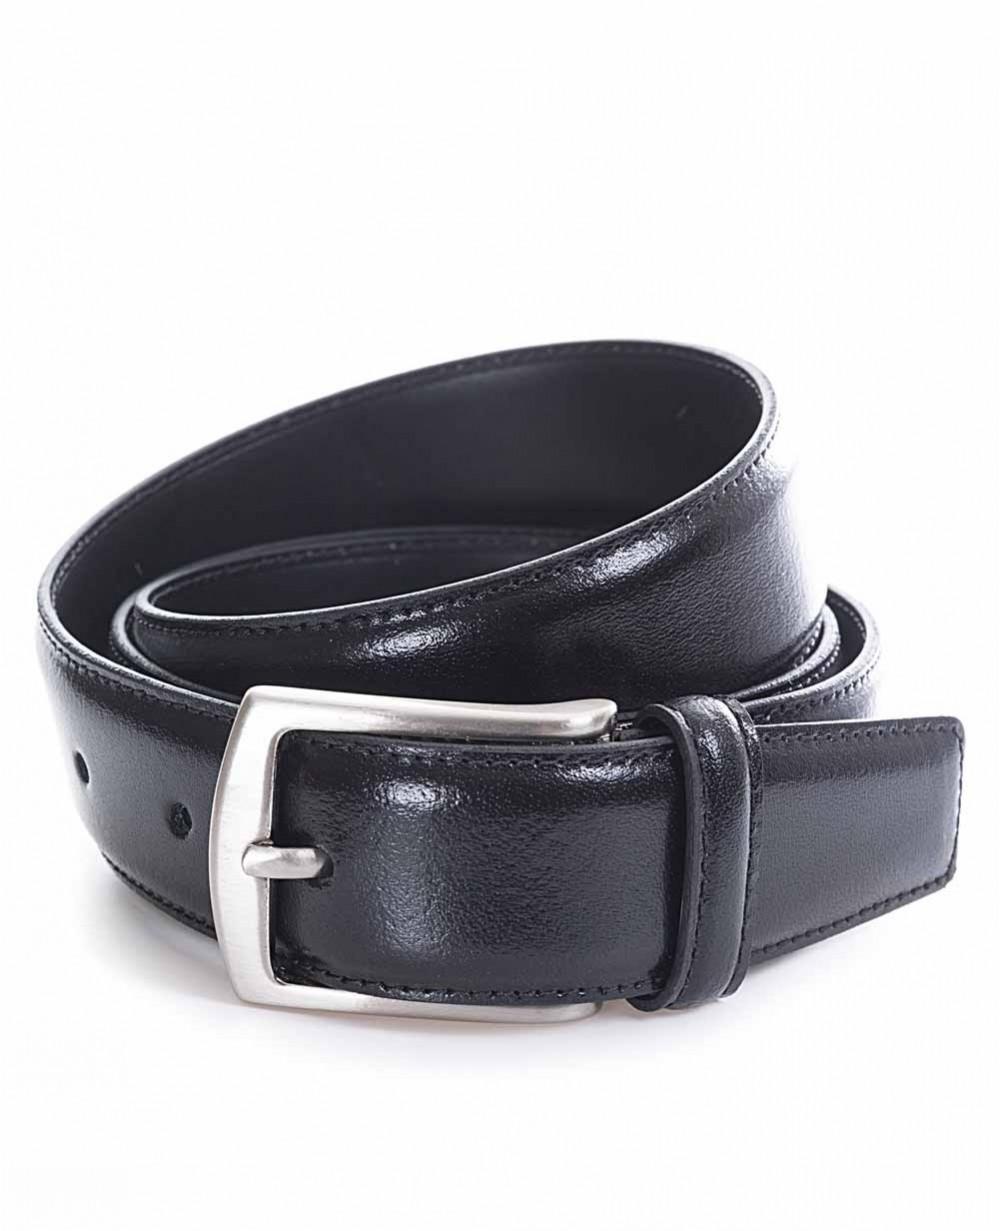 Miguel Bellido Cinturón clásico Piel Negro 115 (Foto )